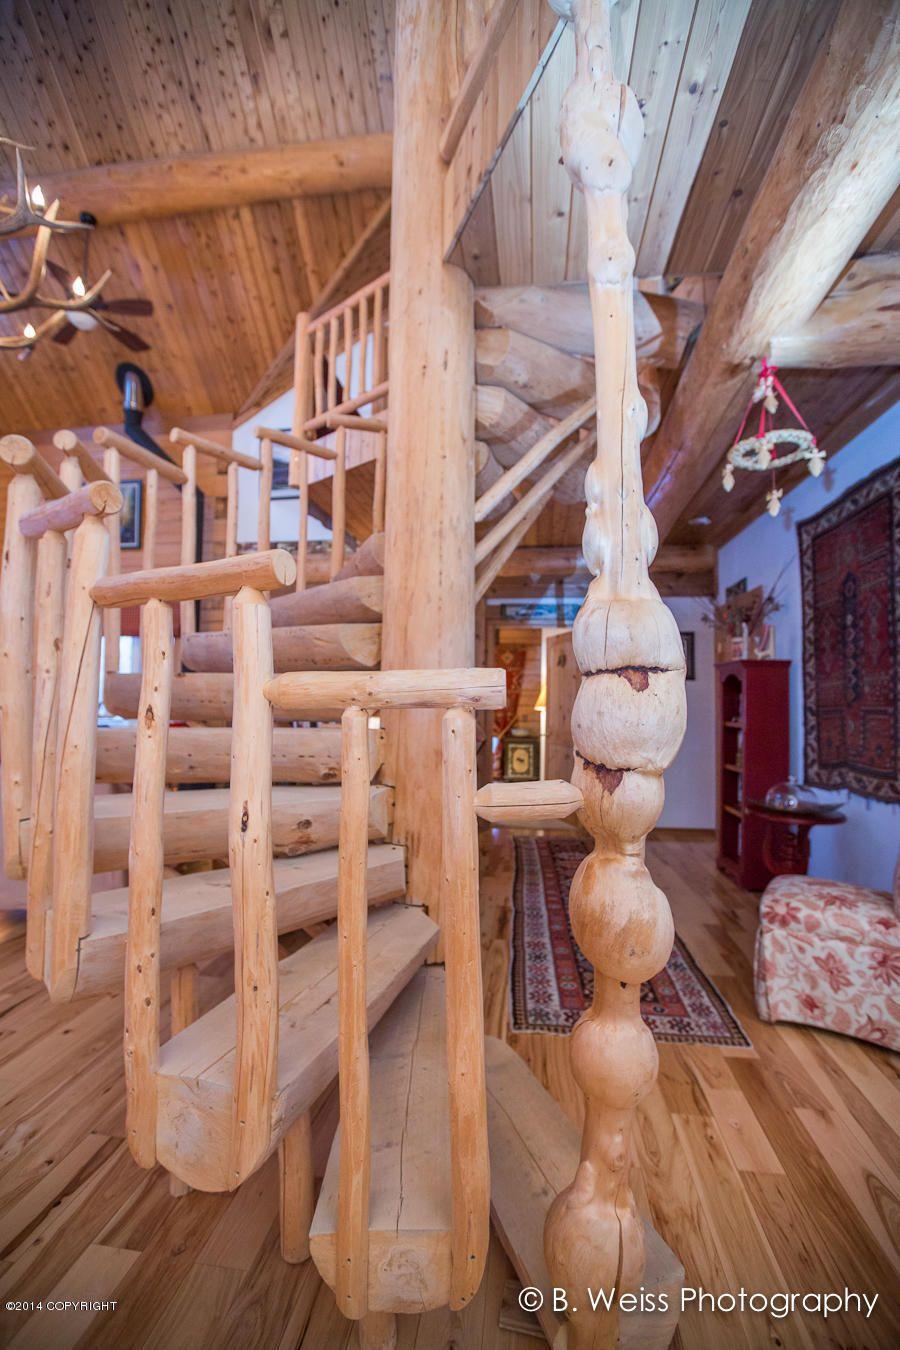 Alaska Dream Home - c98d67322a4d5c84ba6d3f706ee021ed_Beautiful Alaska Dream Home - c98d67322a4d5c84ba6d3f706ee021ed  Graphic_697949.jpg